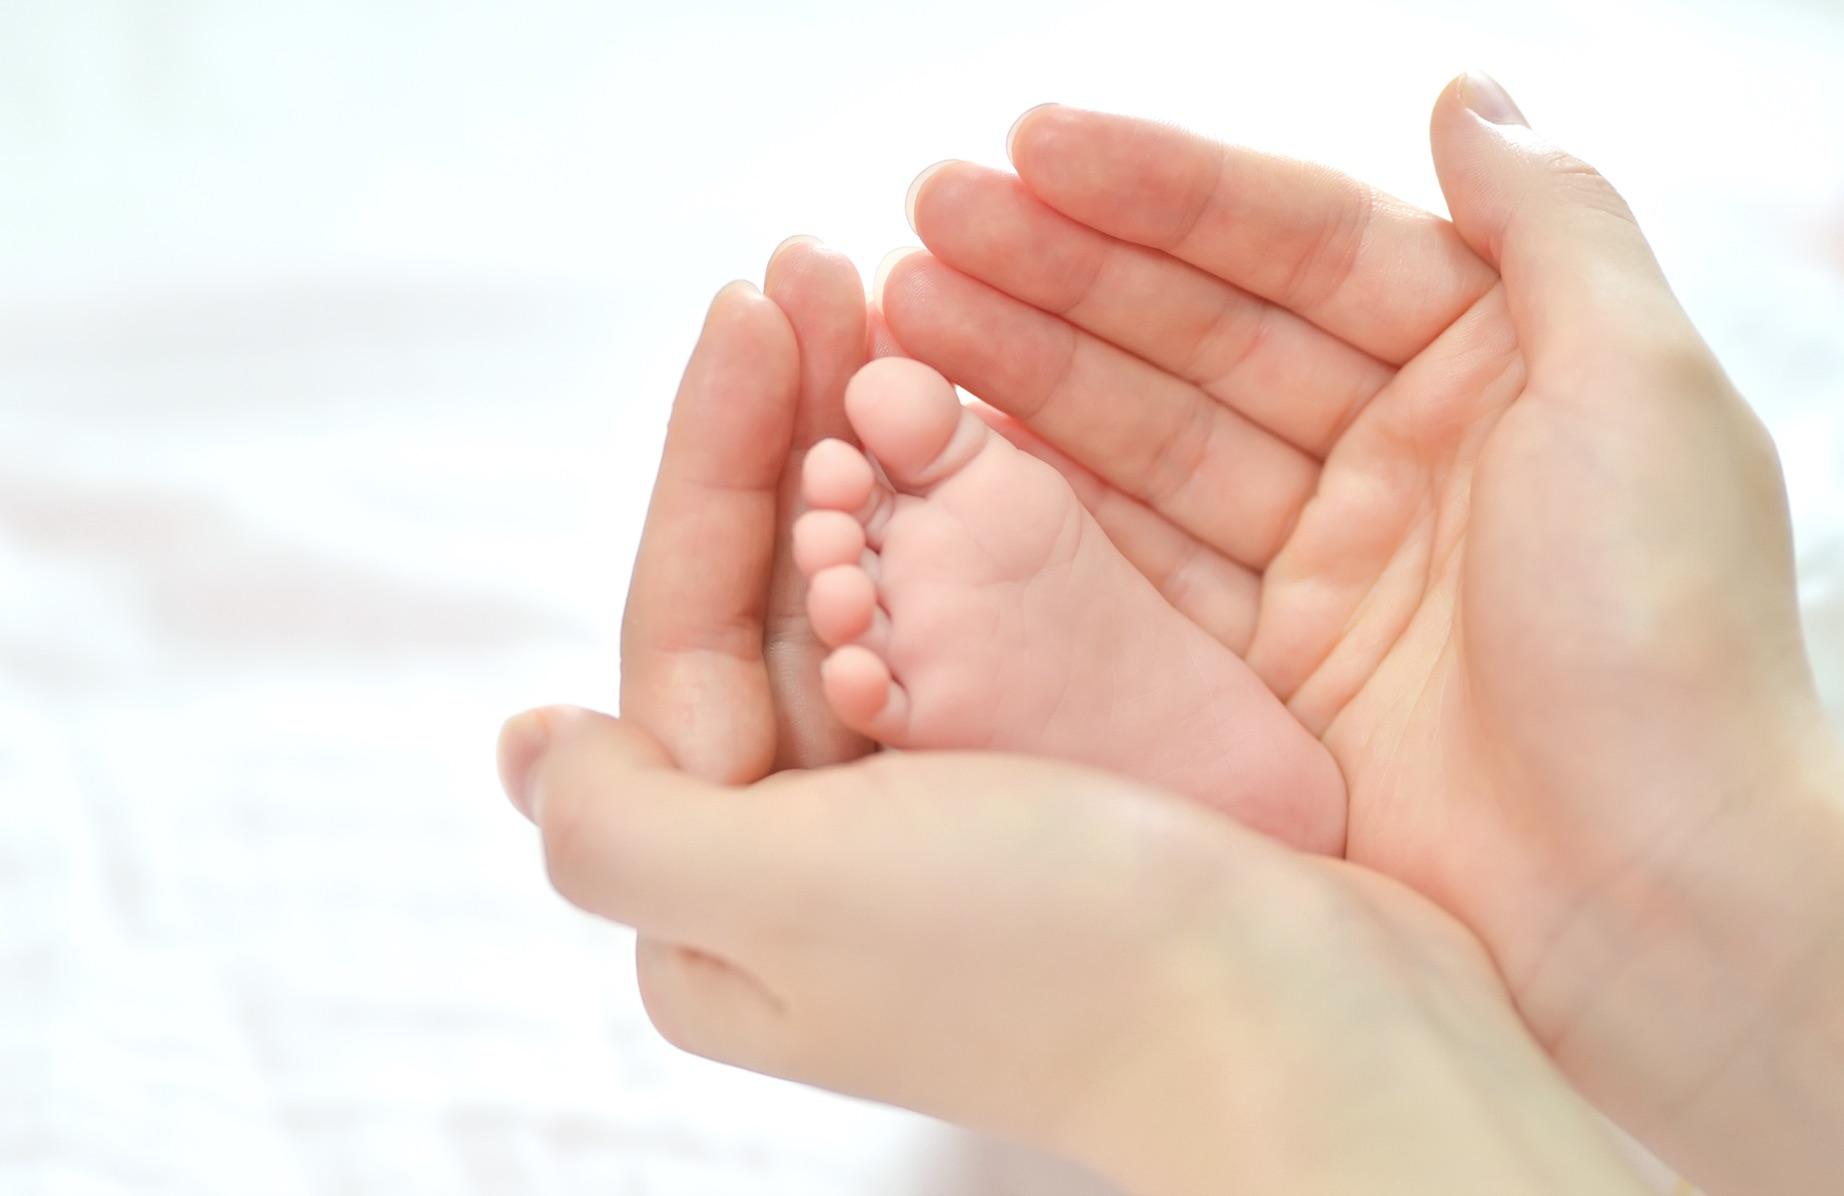 Doğum ve Süt İzni Hakkında Genel Bilgiler